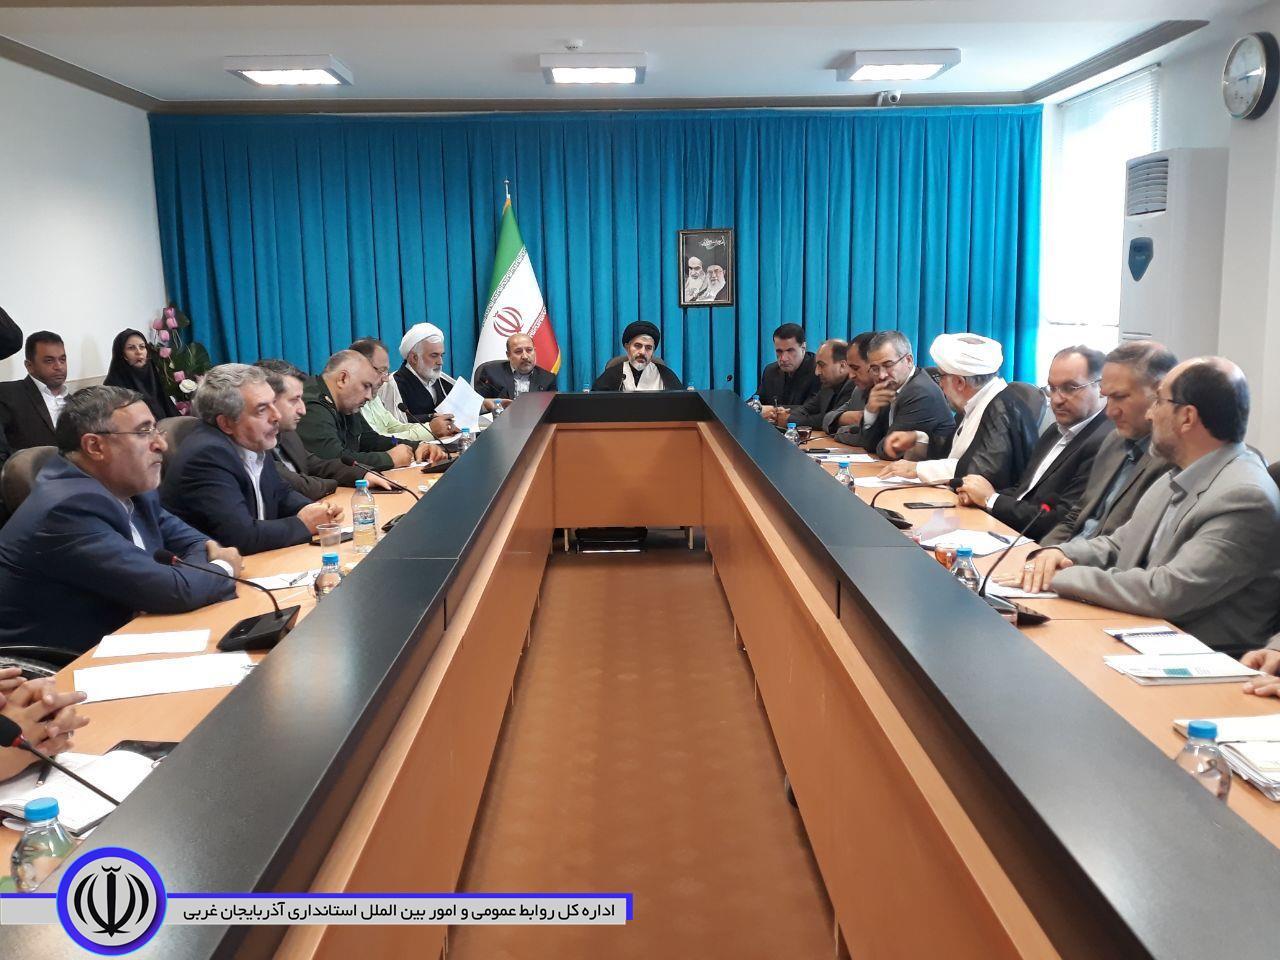 برگزاری هفته فرهنگی آذربایجان غربی در شهر ارزروم ترکیه